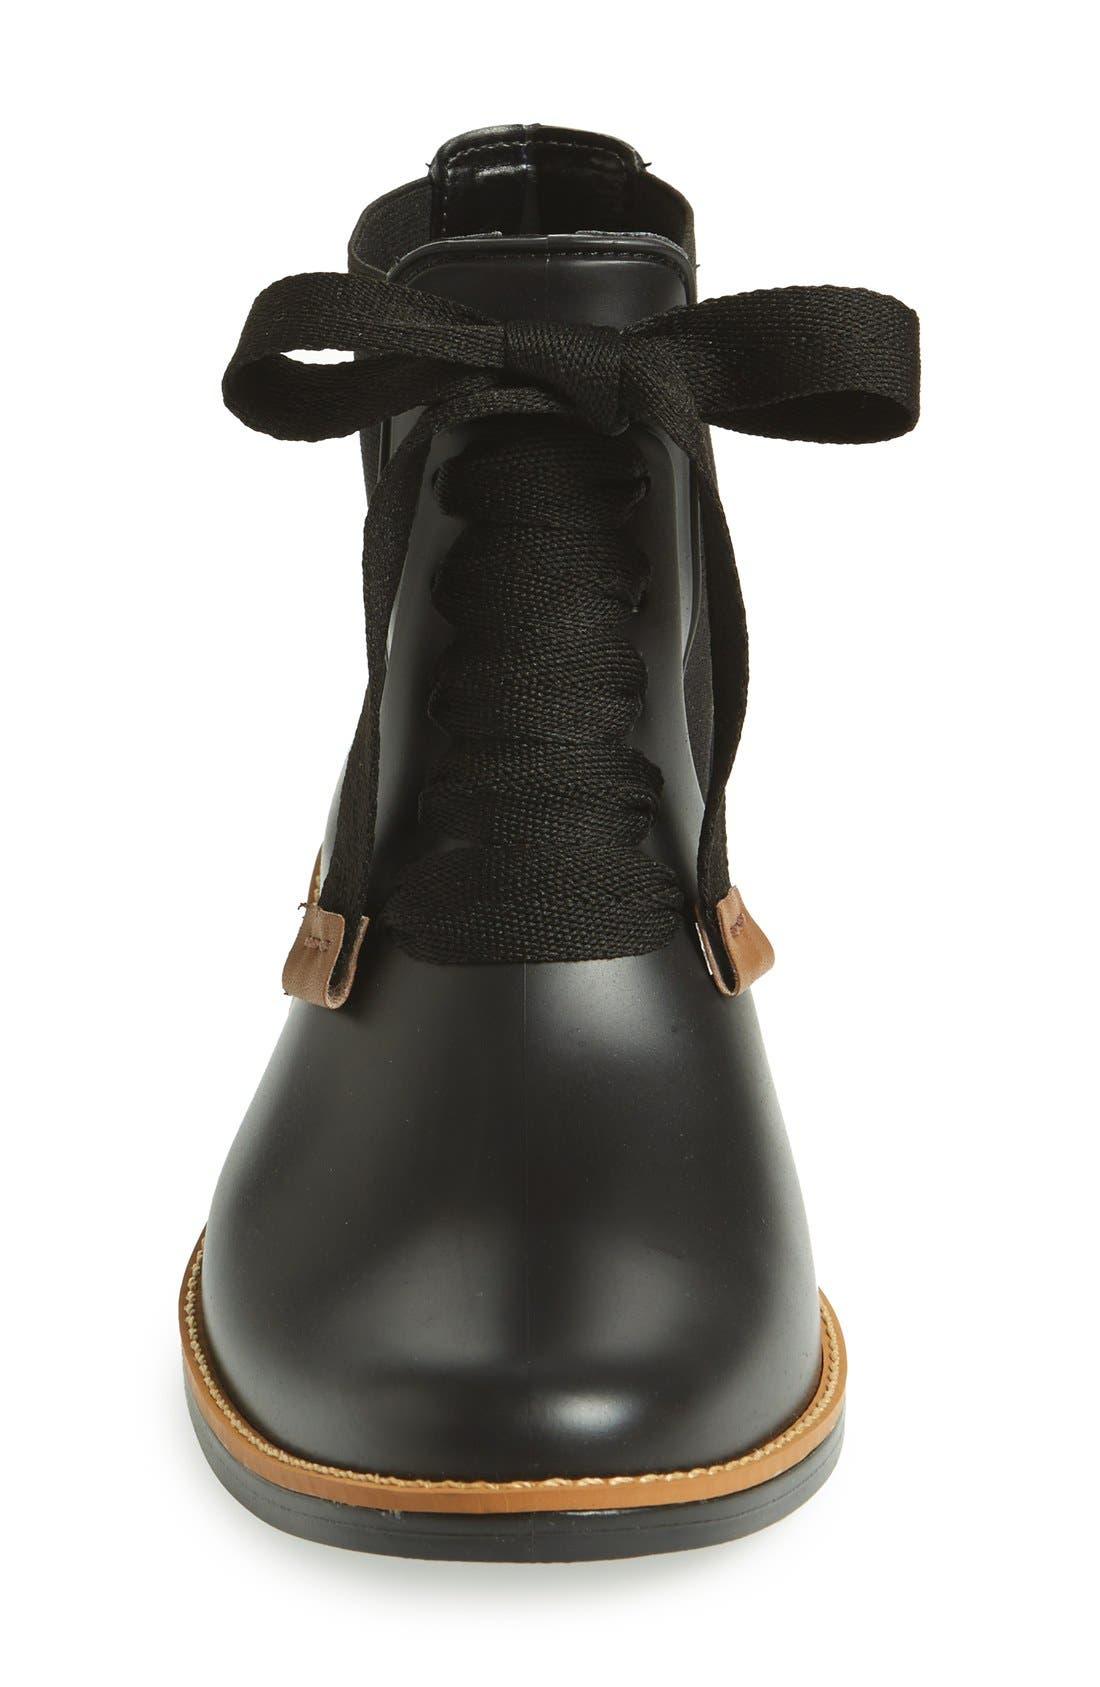 BERNARDO, Lacey Short Waterproof Rain Boot, Alternate thumbnail 3, color, 001